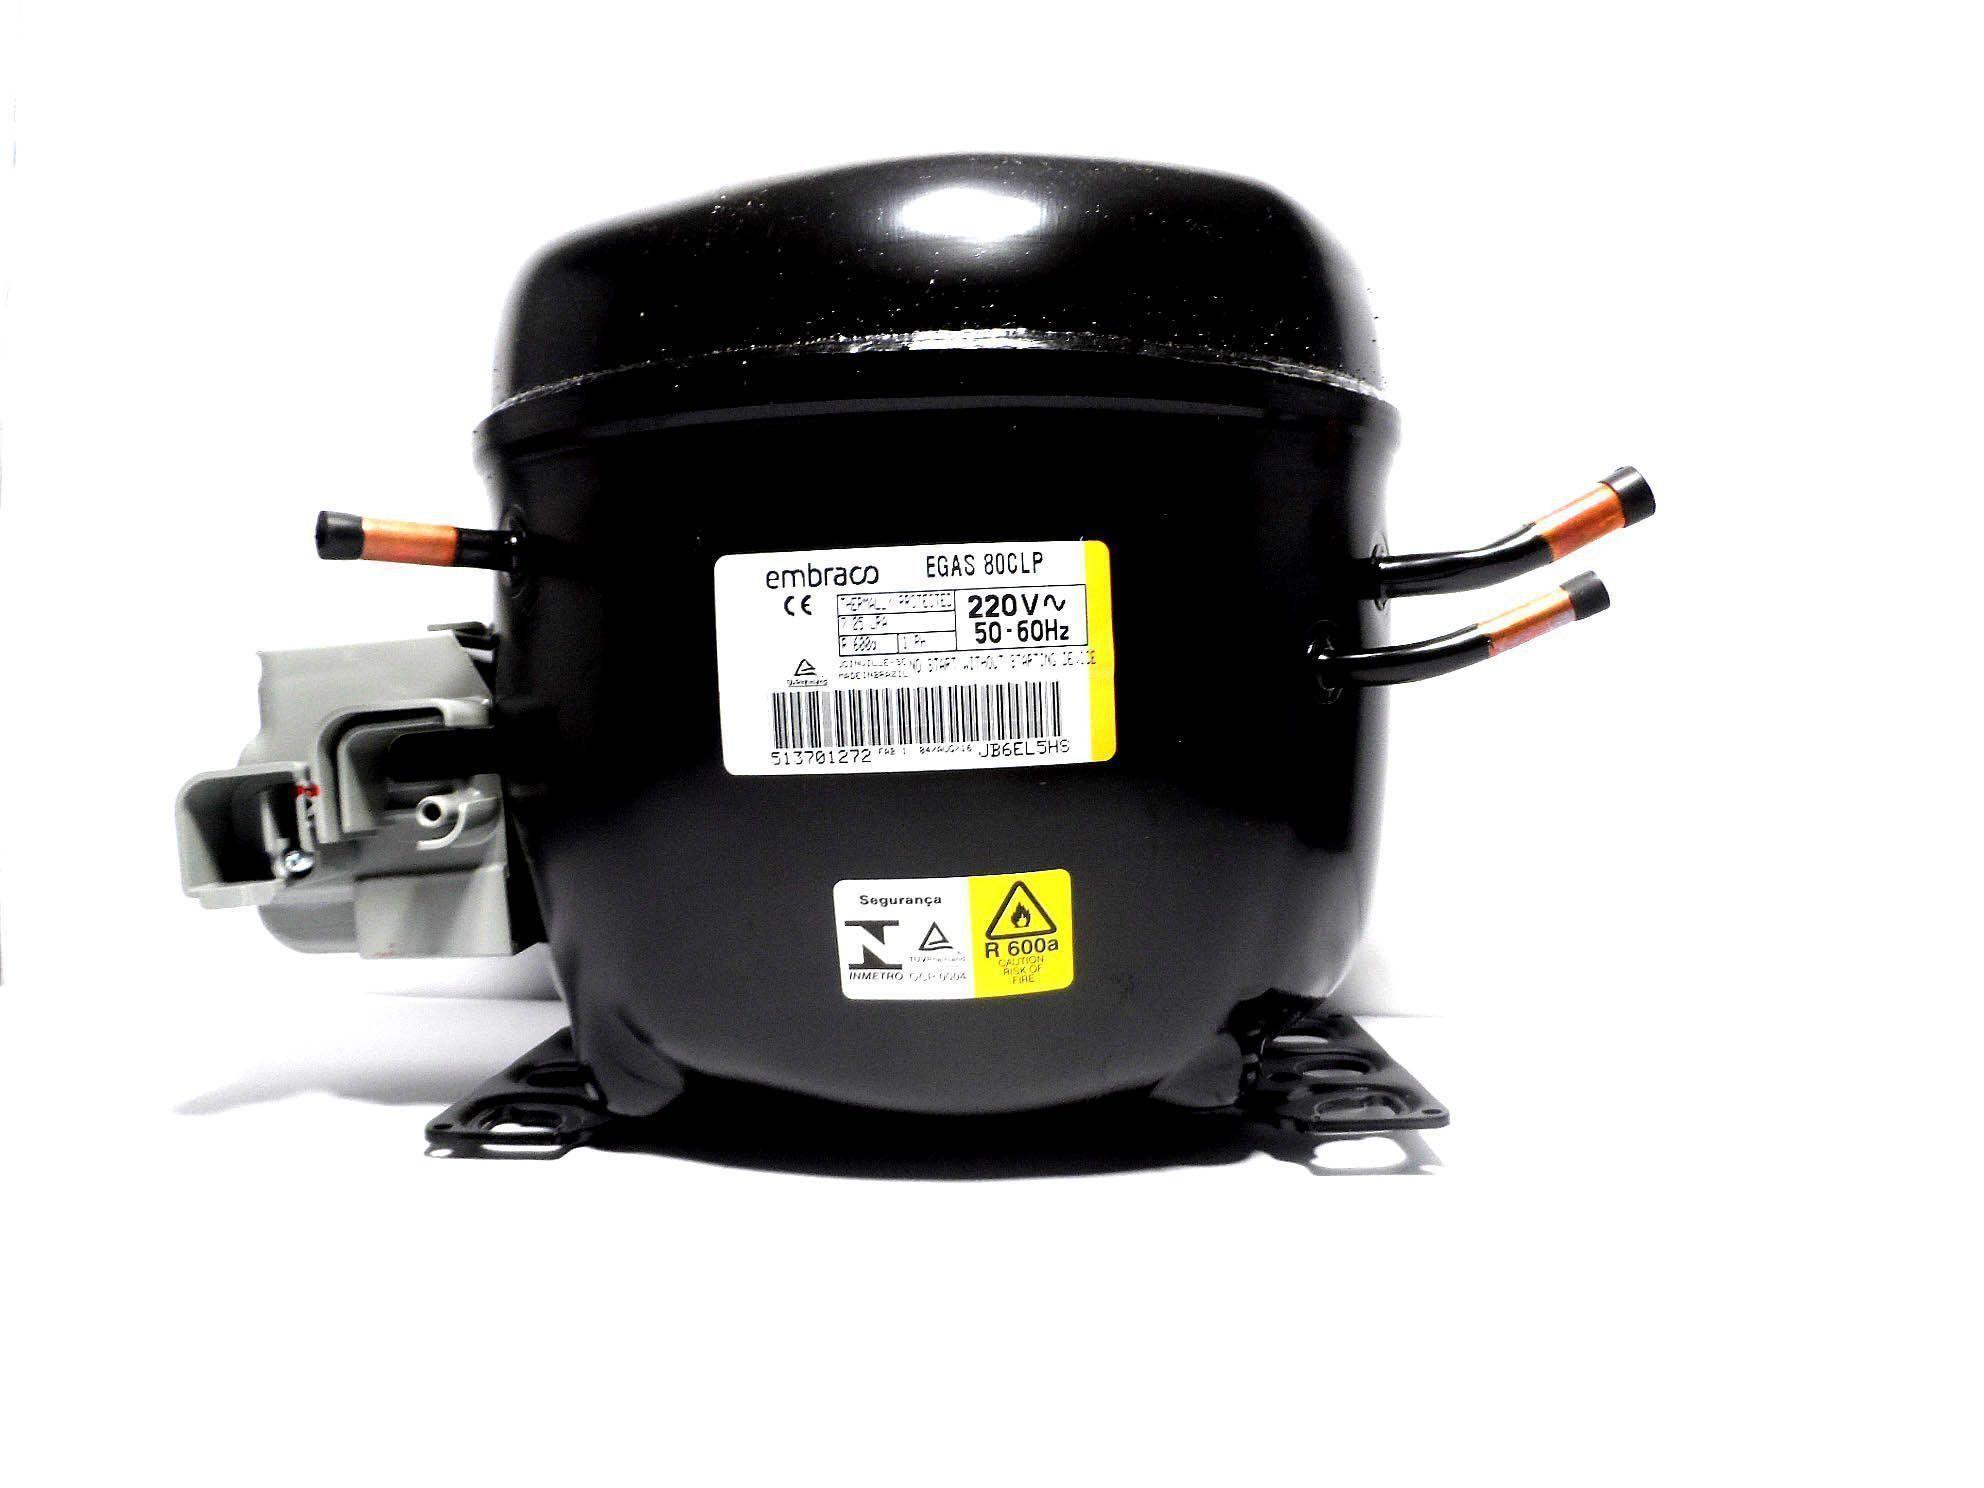 Motor Compressor Embraco 1/4 220V R600 Geladeira EGAS80CLP W10388222